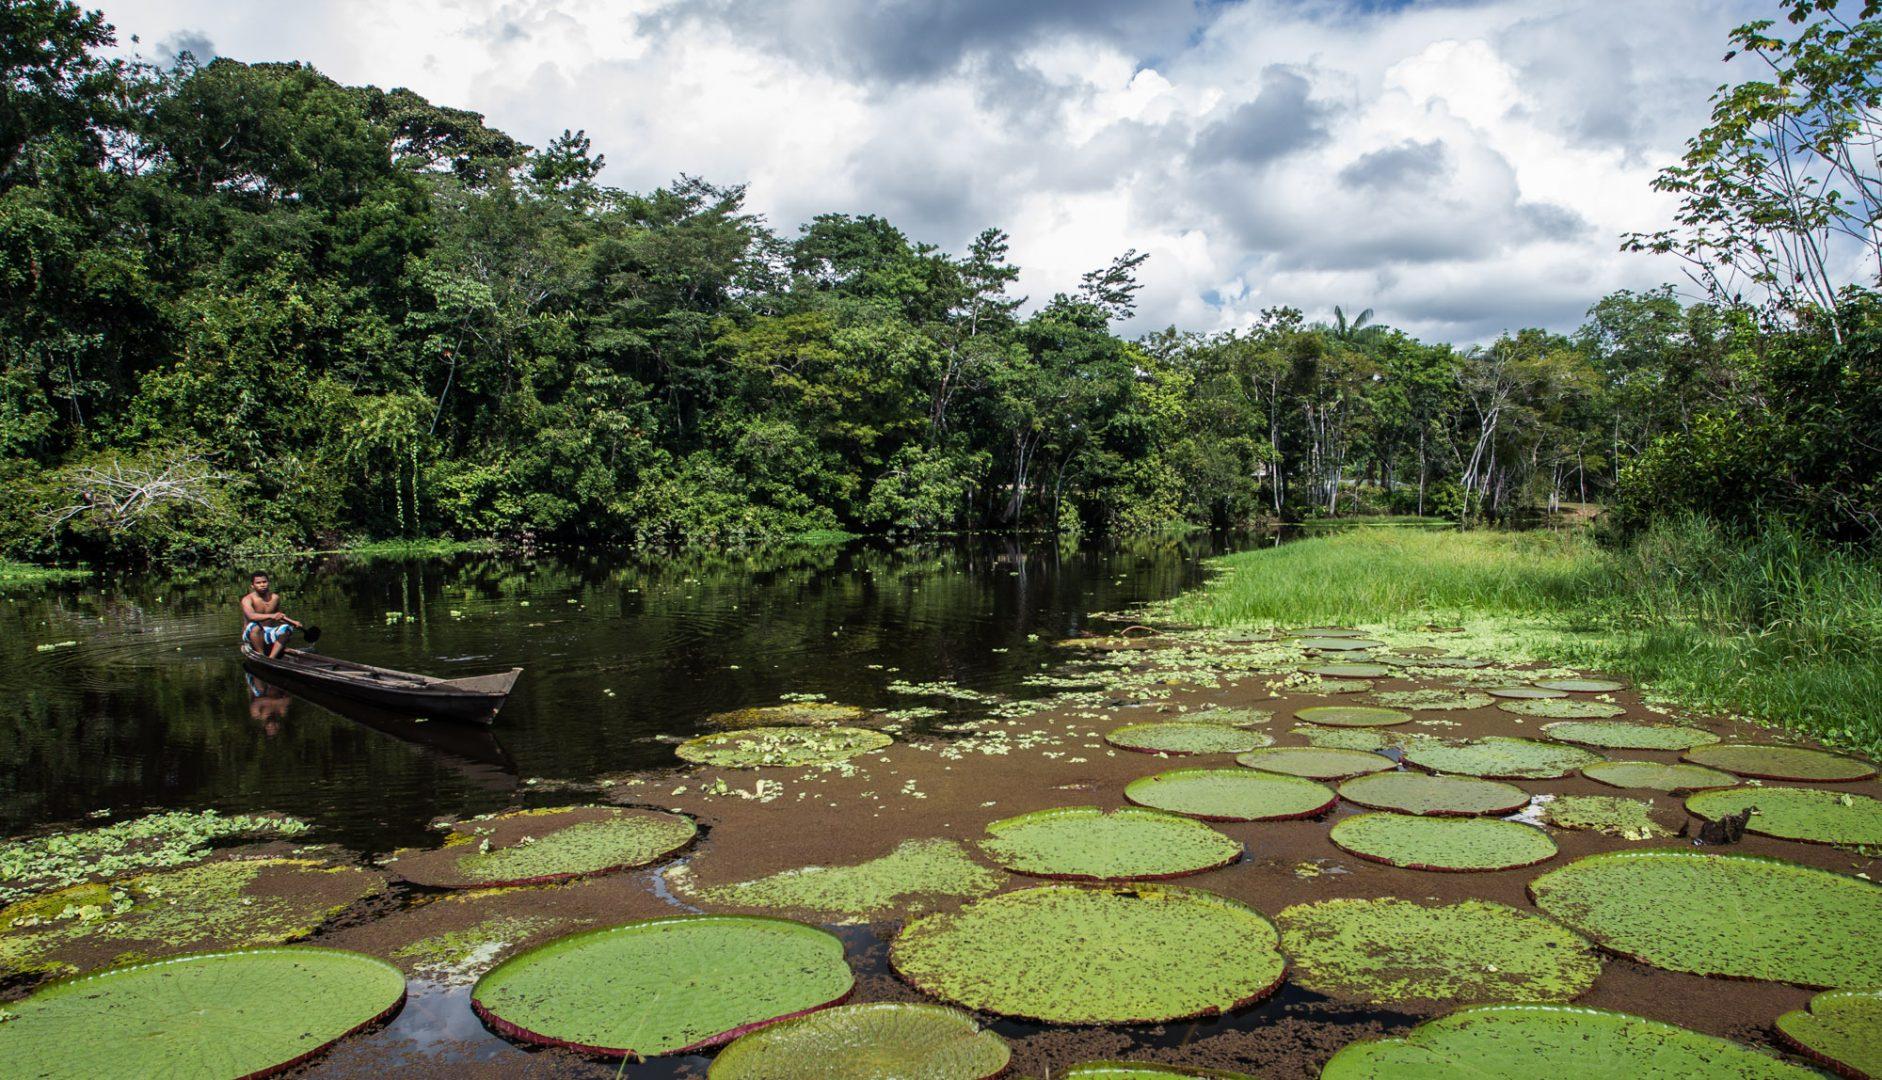 O Acre possui 87% de sua floresta preservada (Foto: Gleilson Miranda/Secom)